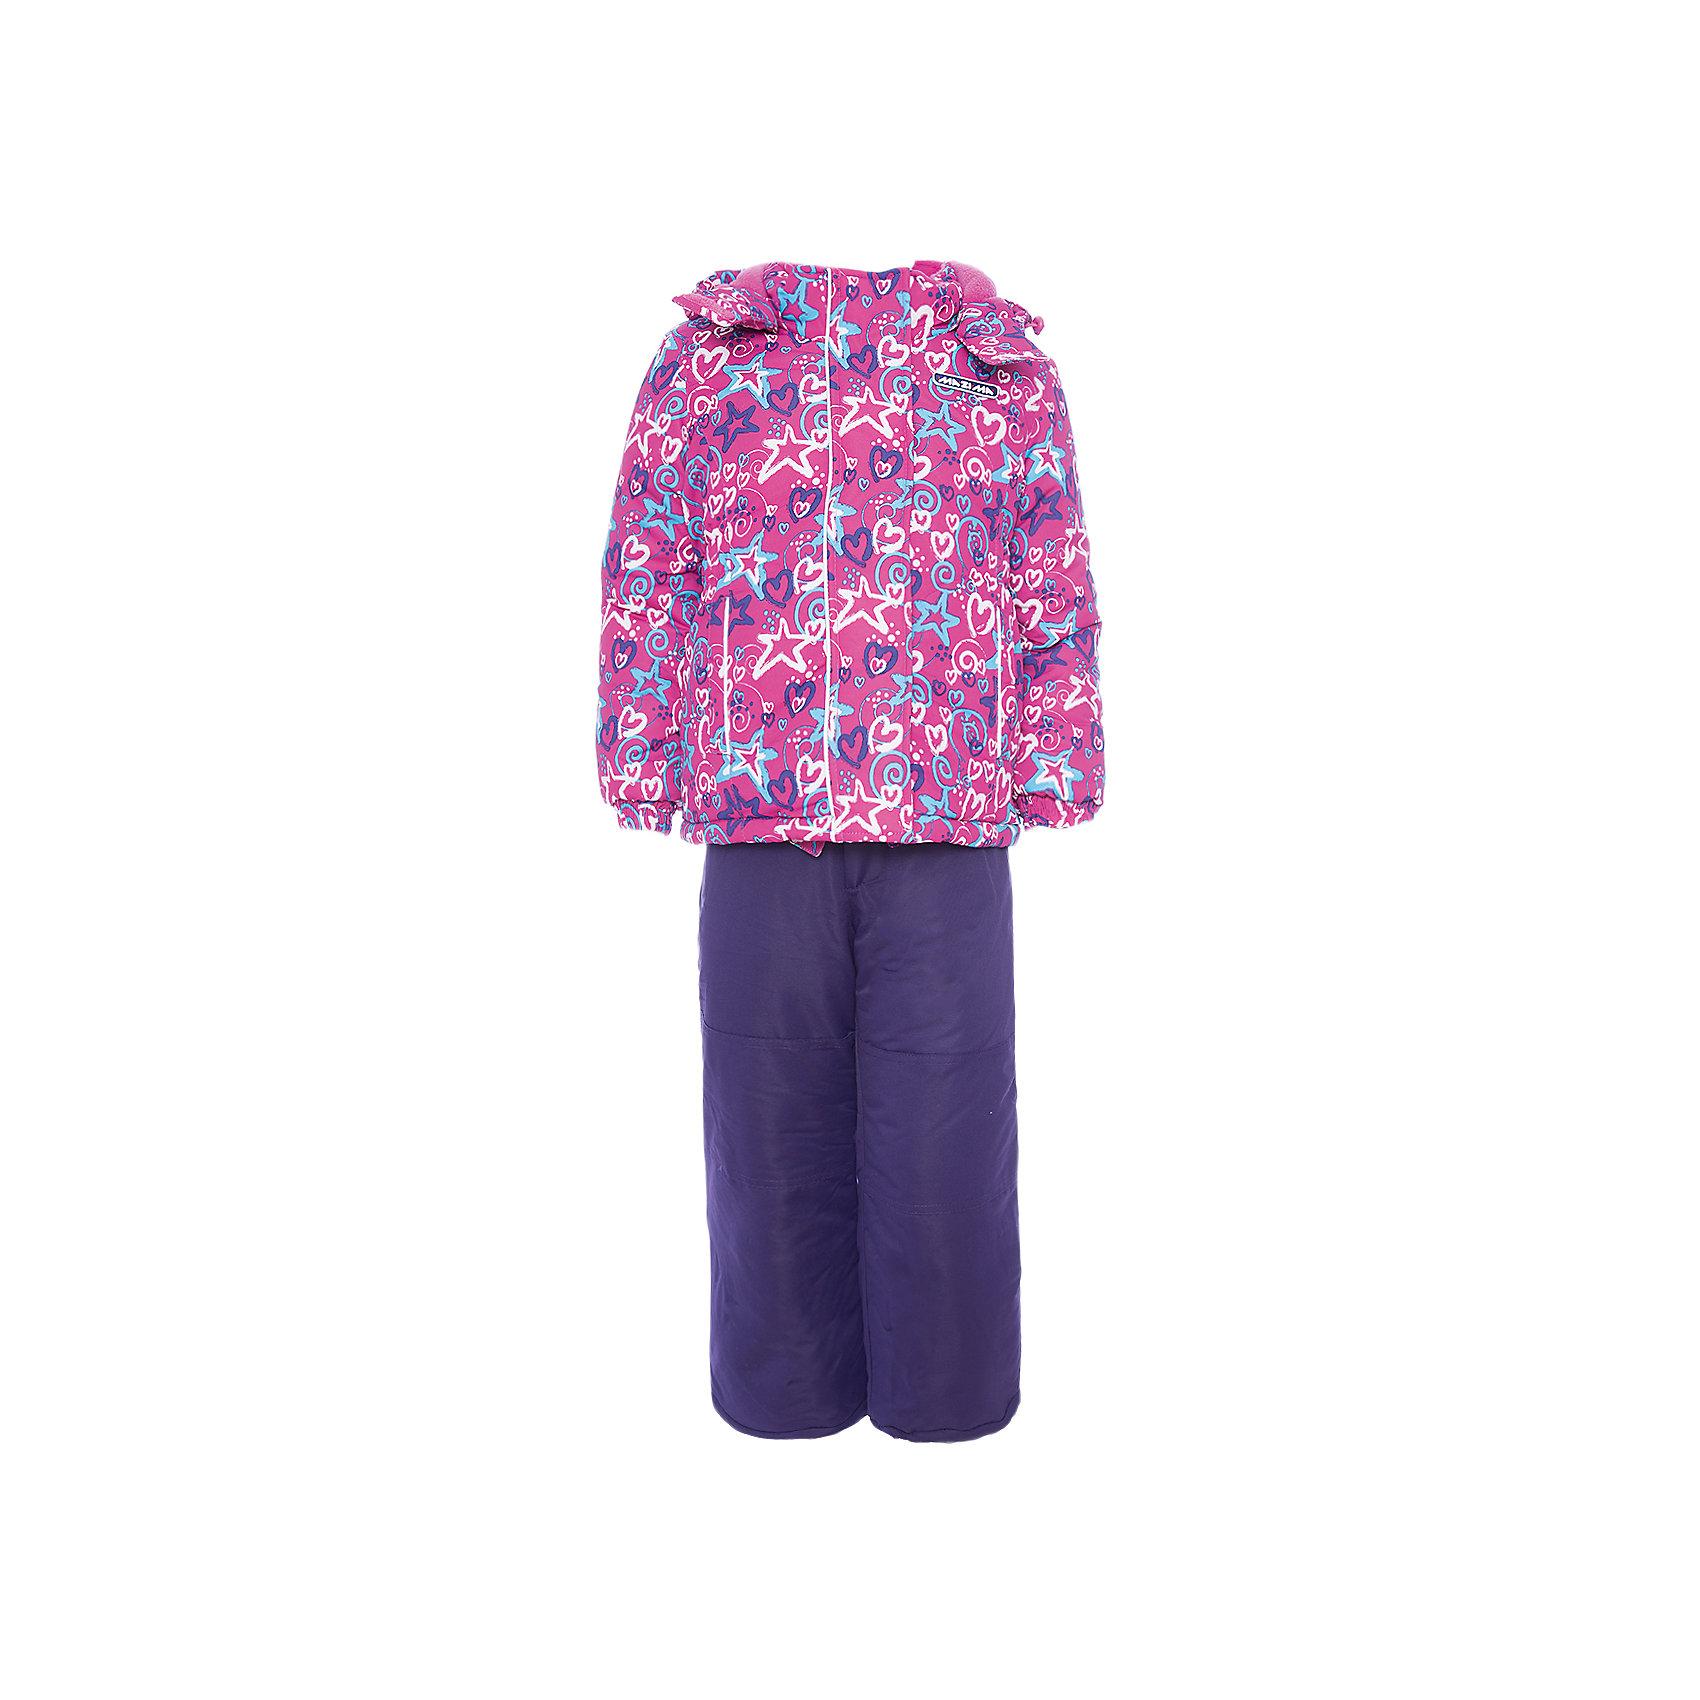 Комплект: куртка и брюки Ma-Zi-Ma для девочкиВерхняя одежда<br>Характеристики товара:<br><br>• цвет: розовый<br>• комплектация: куртка и брюки<br>• состав ткани: Taslan с водонепроницаемой пропиткой<br>• подкладка: поларфлис <br>• утеплитель: полиэстер<br>• сезон: зима<br>• температурный режим: от -30 до +5<br>• водонепроницаемость: 1000 мм <br>• паропроницаемость: 1000 г/м2<br>• плотность утеплителя: куртка - 280 г/м2, брюки - 200 г/м2<br>• капюшон: съемный, без меха<br>• застежка: молния<br>• брюки усилены износостойкими вставками<br>• страна бренда: Россия<br>• страна изготовитель: Китай<br><br>Яркий теплый комплект для девочки позволит в холода создать ребенку комфортные условия. Верх детской зимней куртки и брюк - с водонепроницаемой пропиткой. Качественный наполнитель детского комплекта для зимы легкий и теплый. Комплект для зимы дополнен элементами, защищающими от попадания внутрь снега.<br><br>Комплект: куртка и брюки Ma-Zi-Ma (Ма-Зи-Ма) для девочки можно купить в нашем интернет-магазине.<br><br>Ширина мм: 356<br>Глубина мм: 10<br>Высота мм: 245<br>Вес г: 519<br>Цвет: розовый<br>Возраст от месяцев: 132<br>Возраст до месяцев: 144<br>Пол: Женский<br>Возраст: Детский<br>Размер: 152,92,98,104,110,116,122,128,134,140,146<br>SKU: 7144319